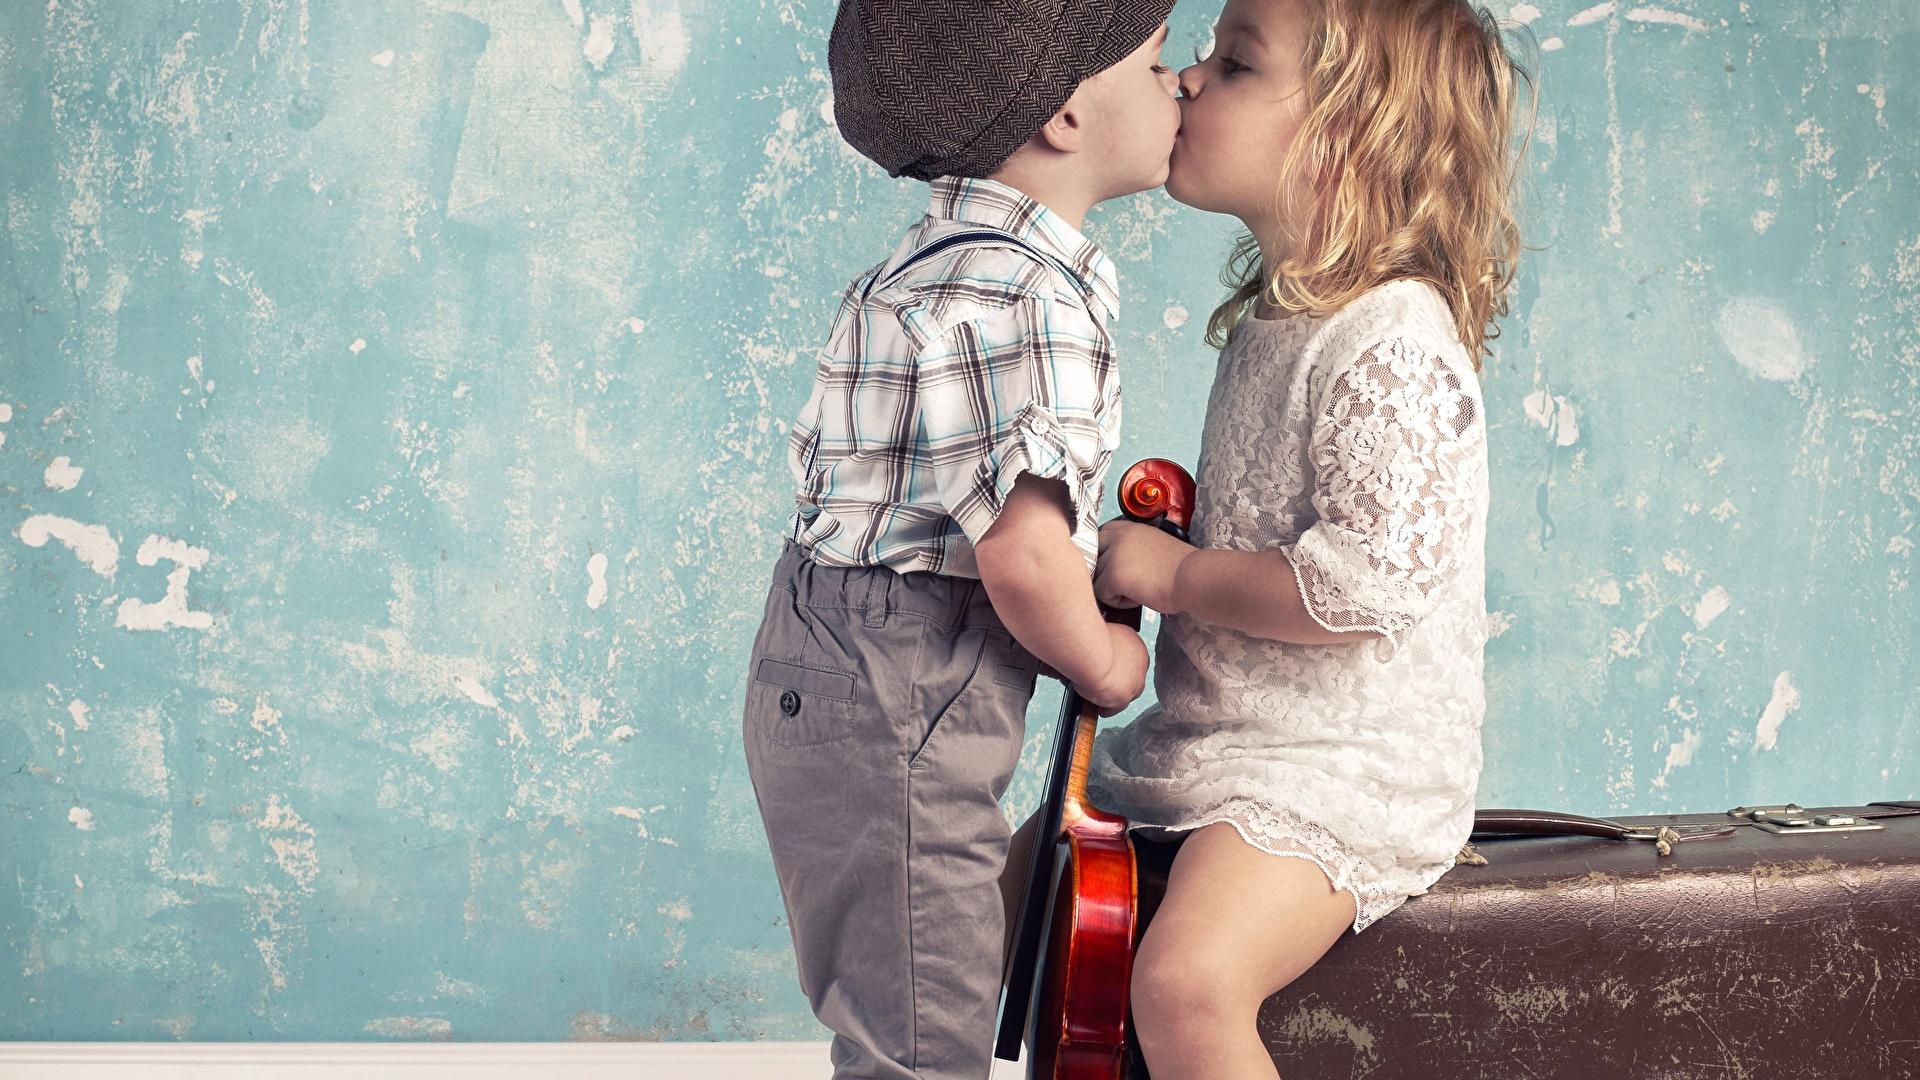 Фото мальчика и девушка, Boy And Girl Love Фото со стоков и изображения 21 фотография